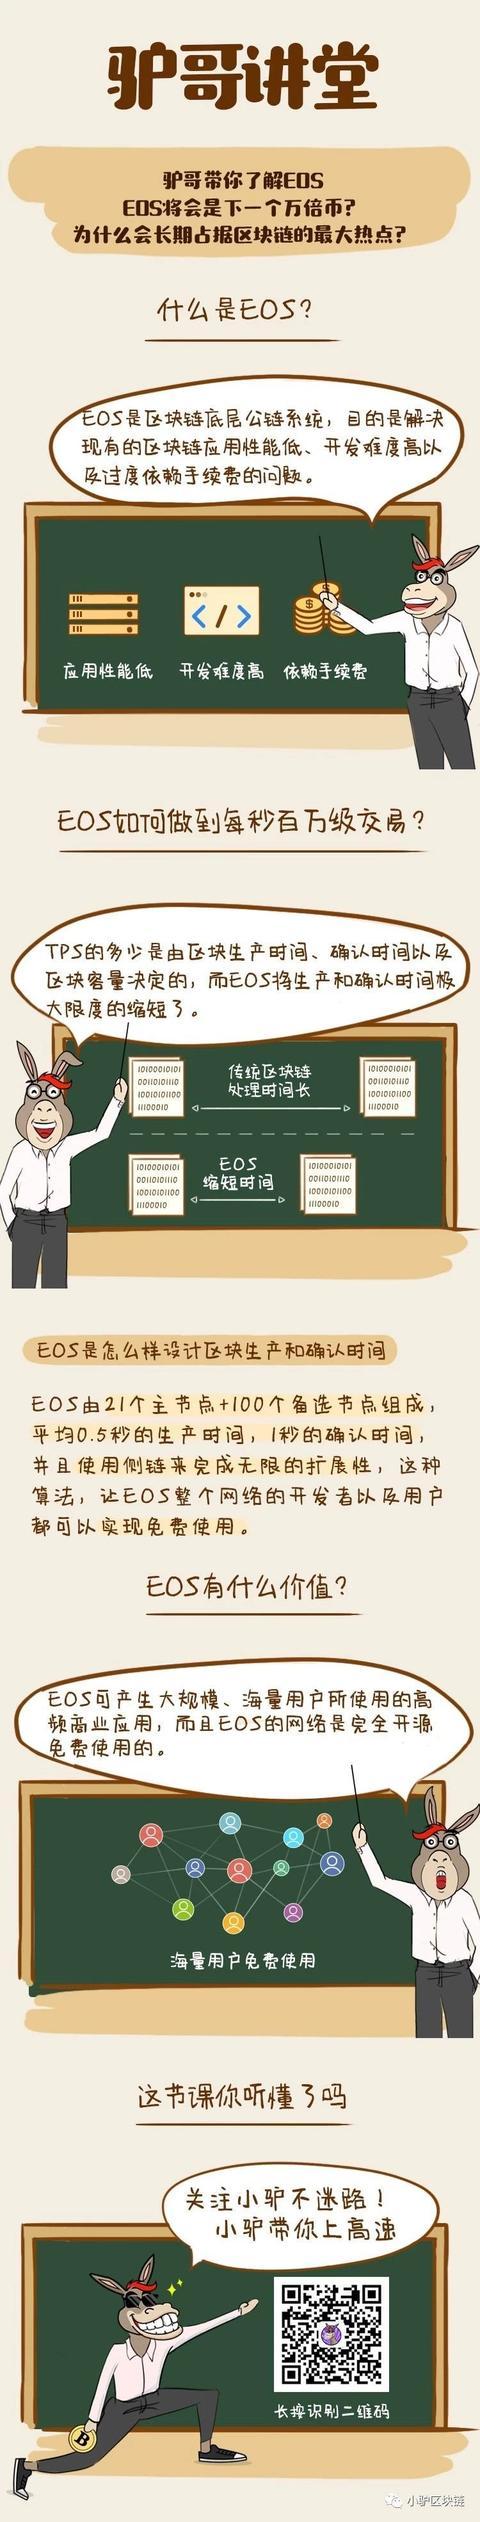 驴哥讲堂:什么是EOS?插图